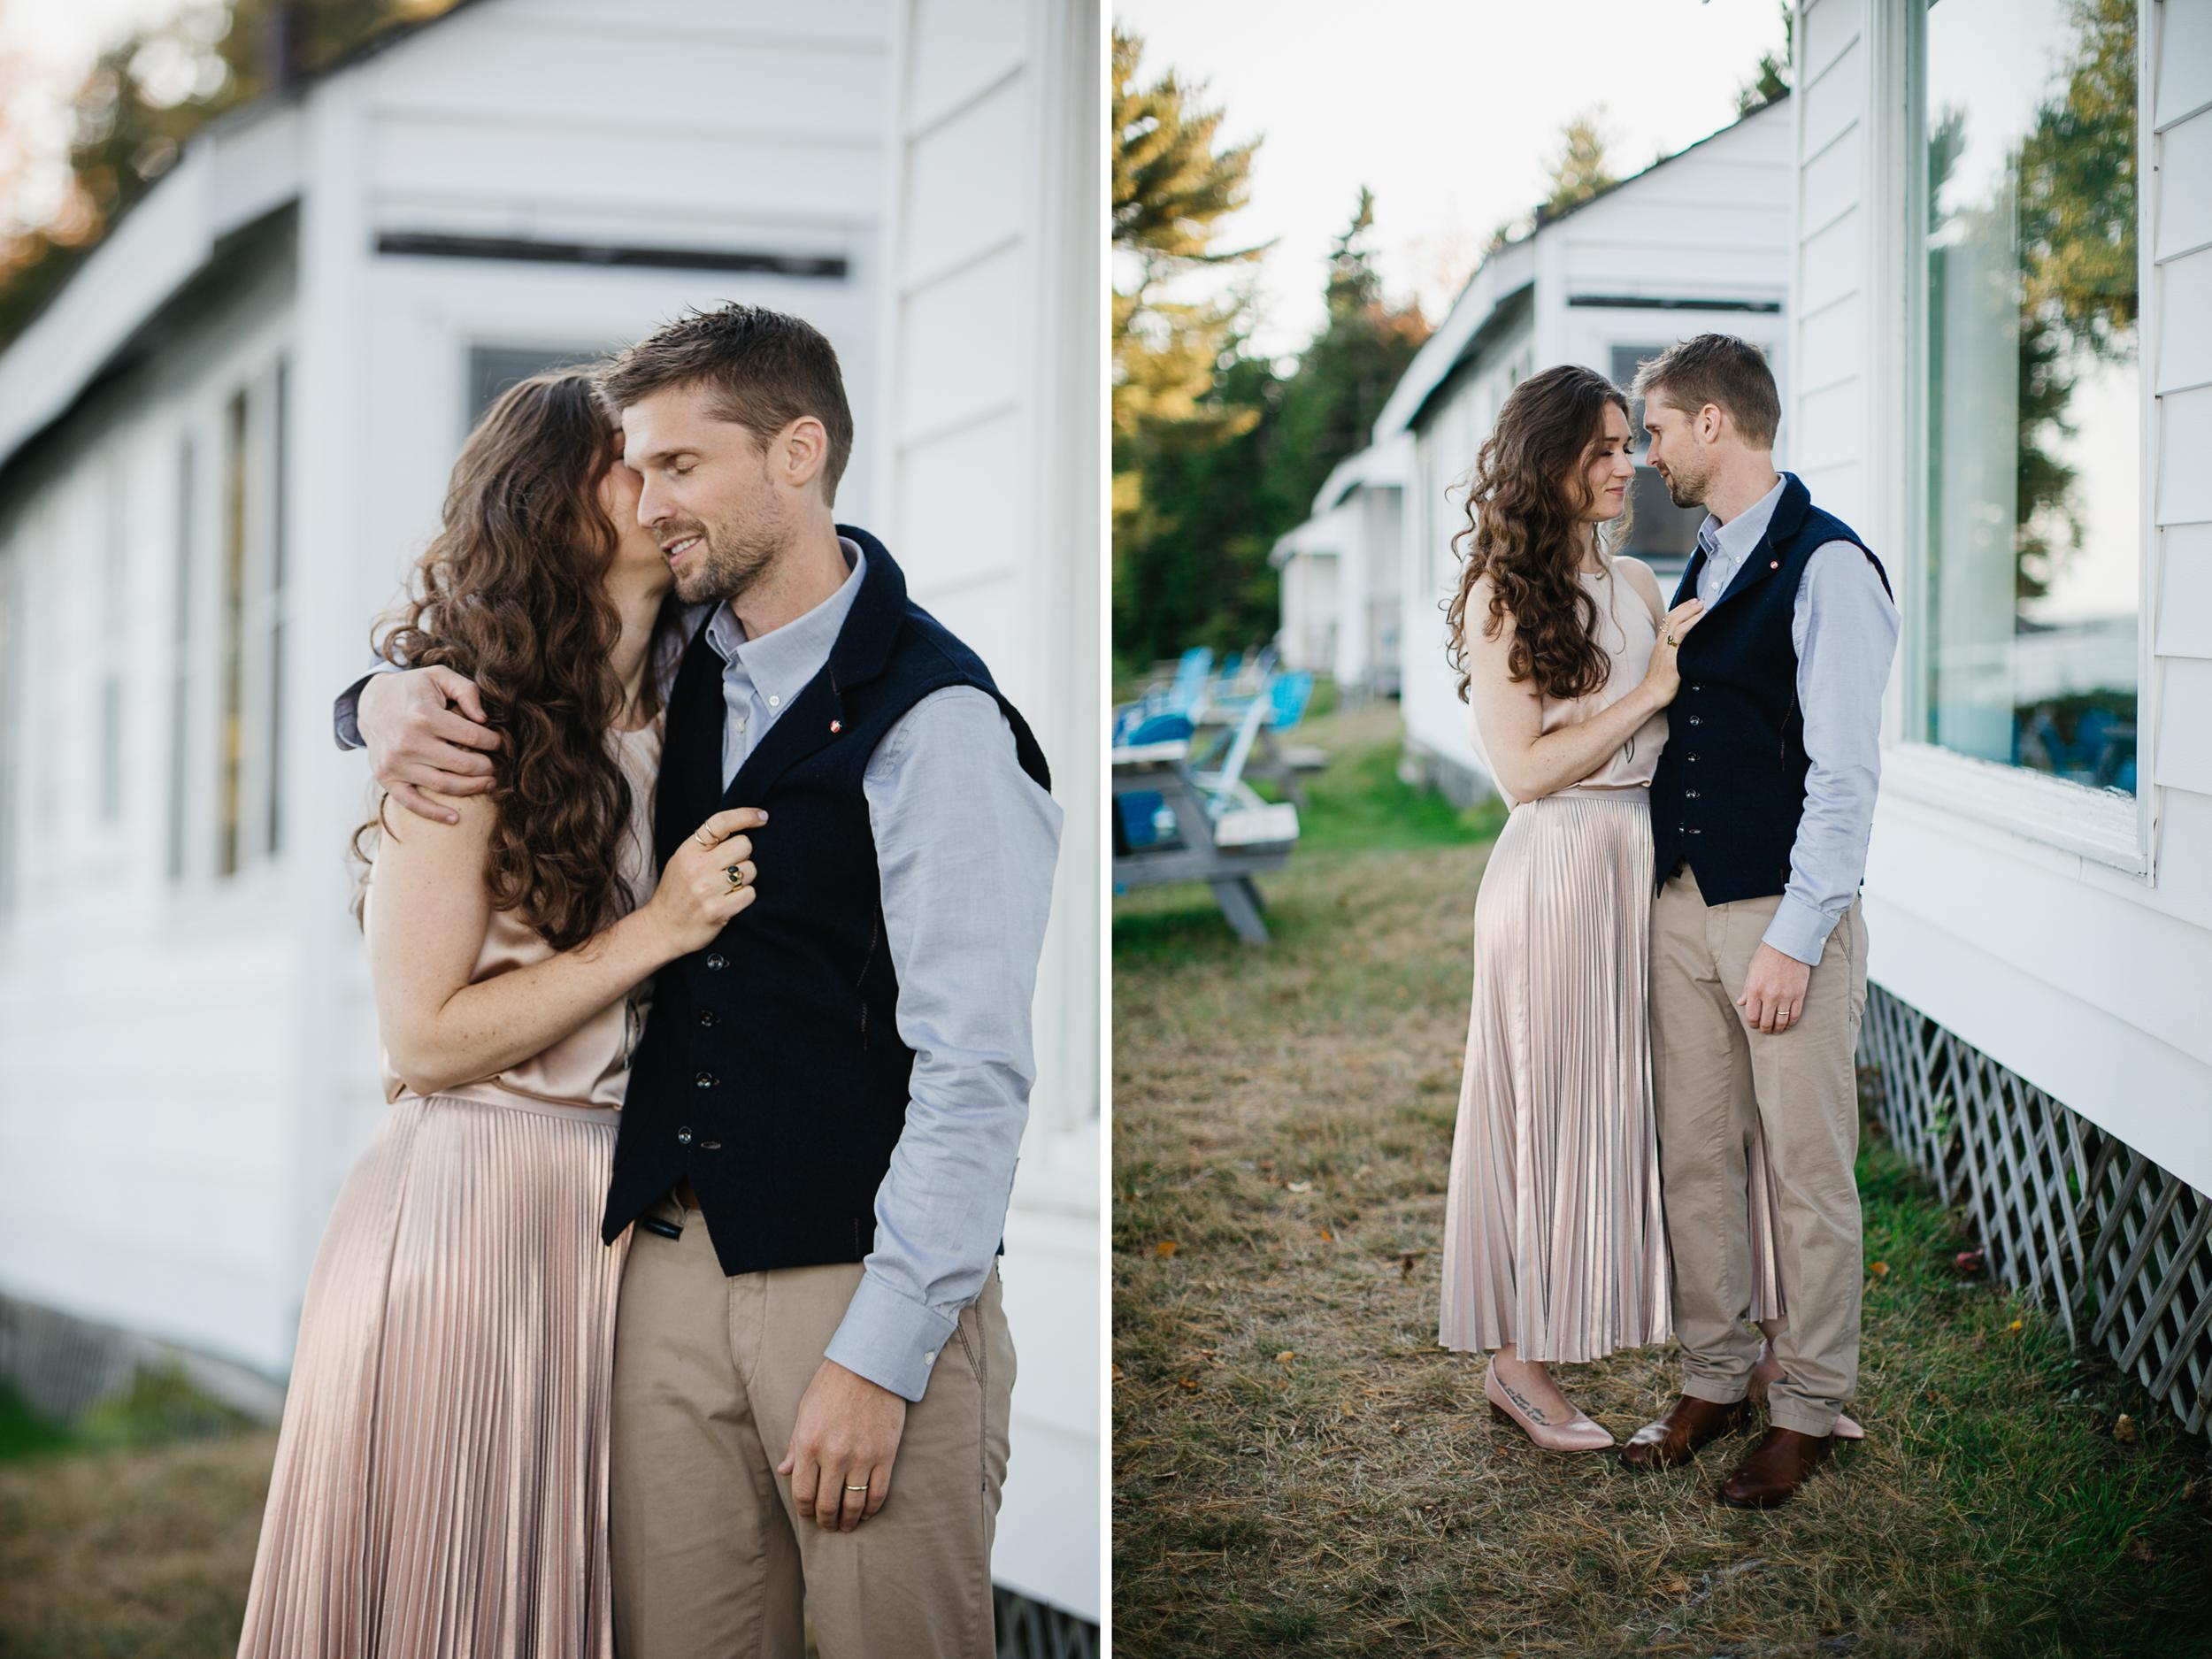 Mackenzie_Collins_Day_Two_Flatbread_Company_rockport_Maine_wedding_006.jpg